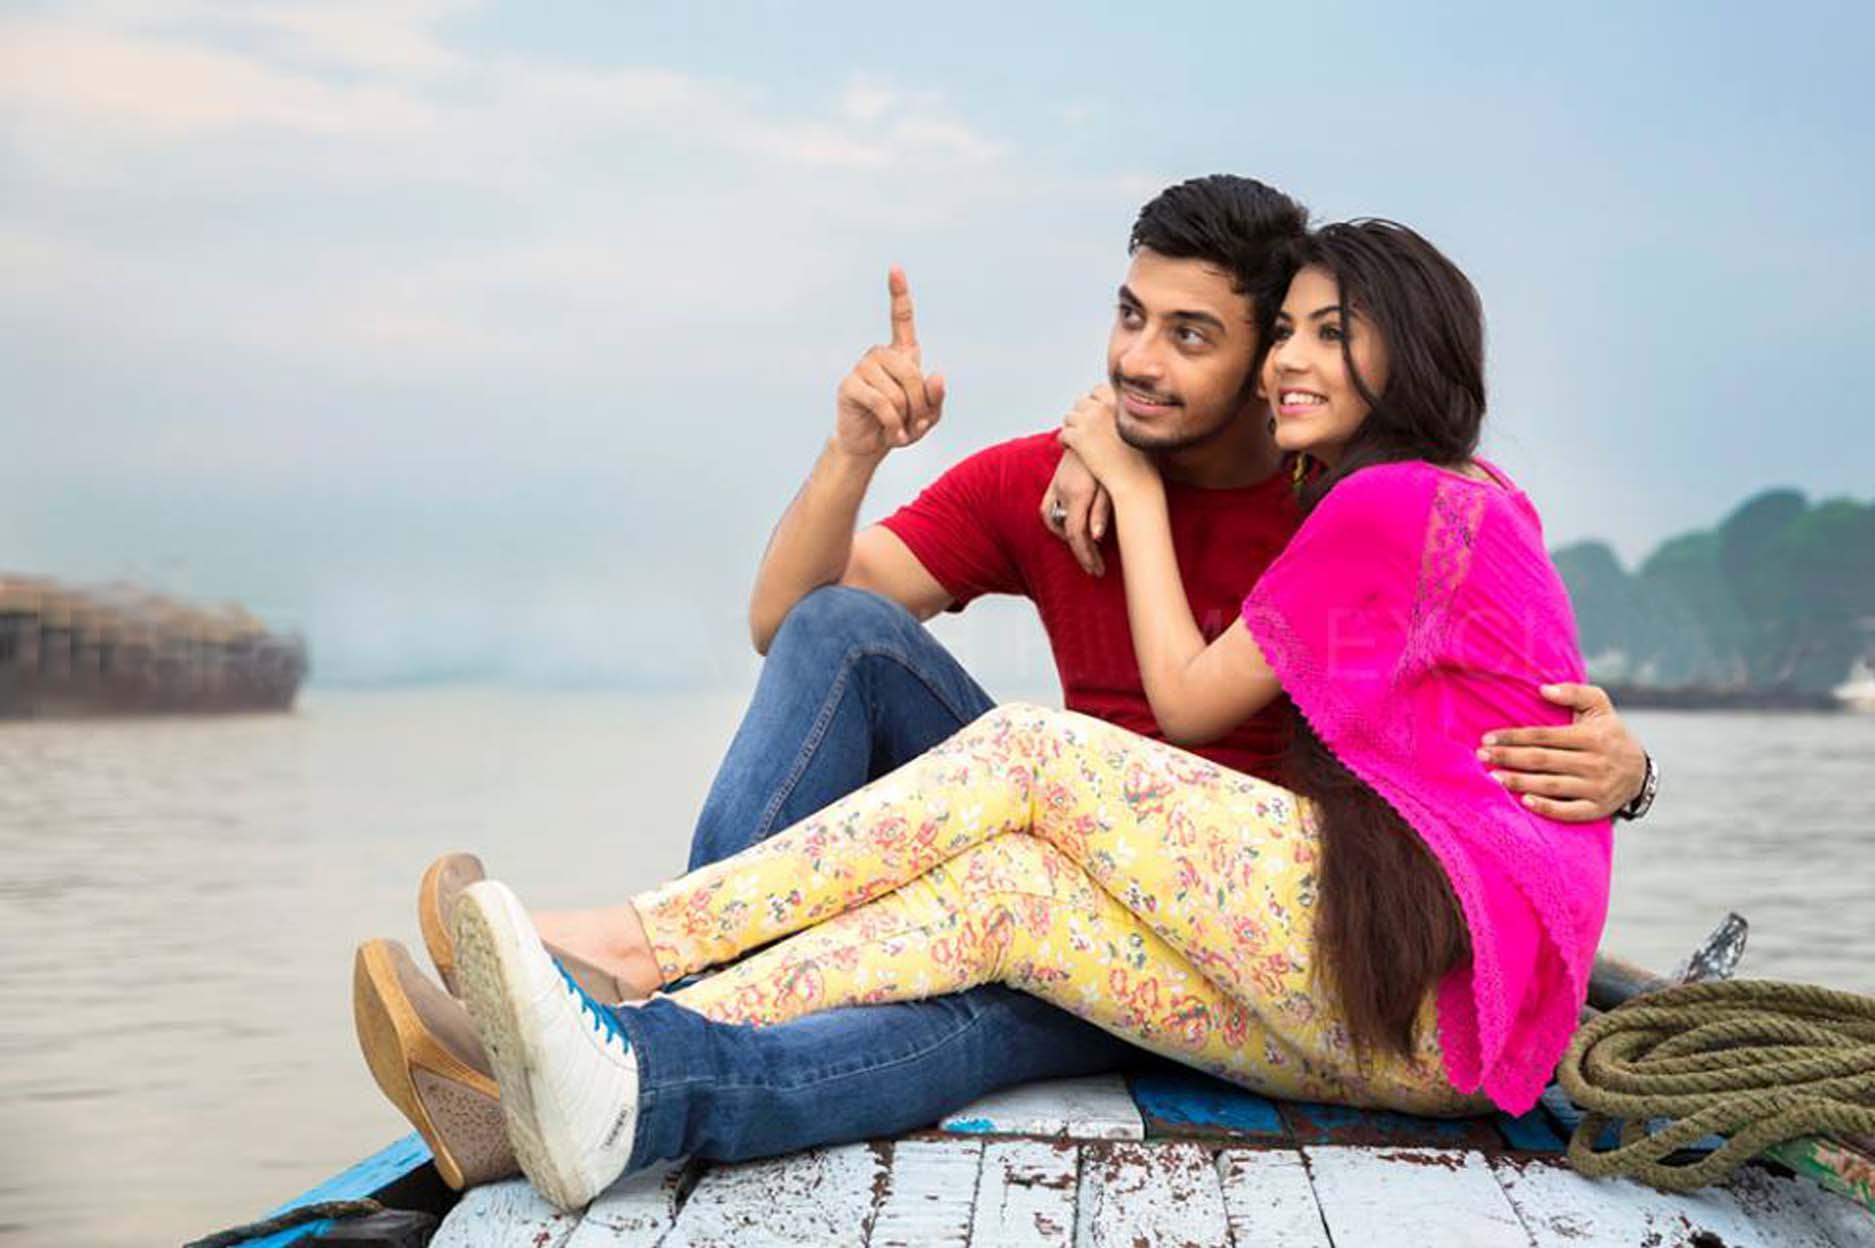 Bonny and Rittika share their secret hobbies ahead of 'Raja Rani Raji' release